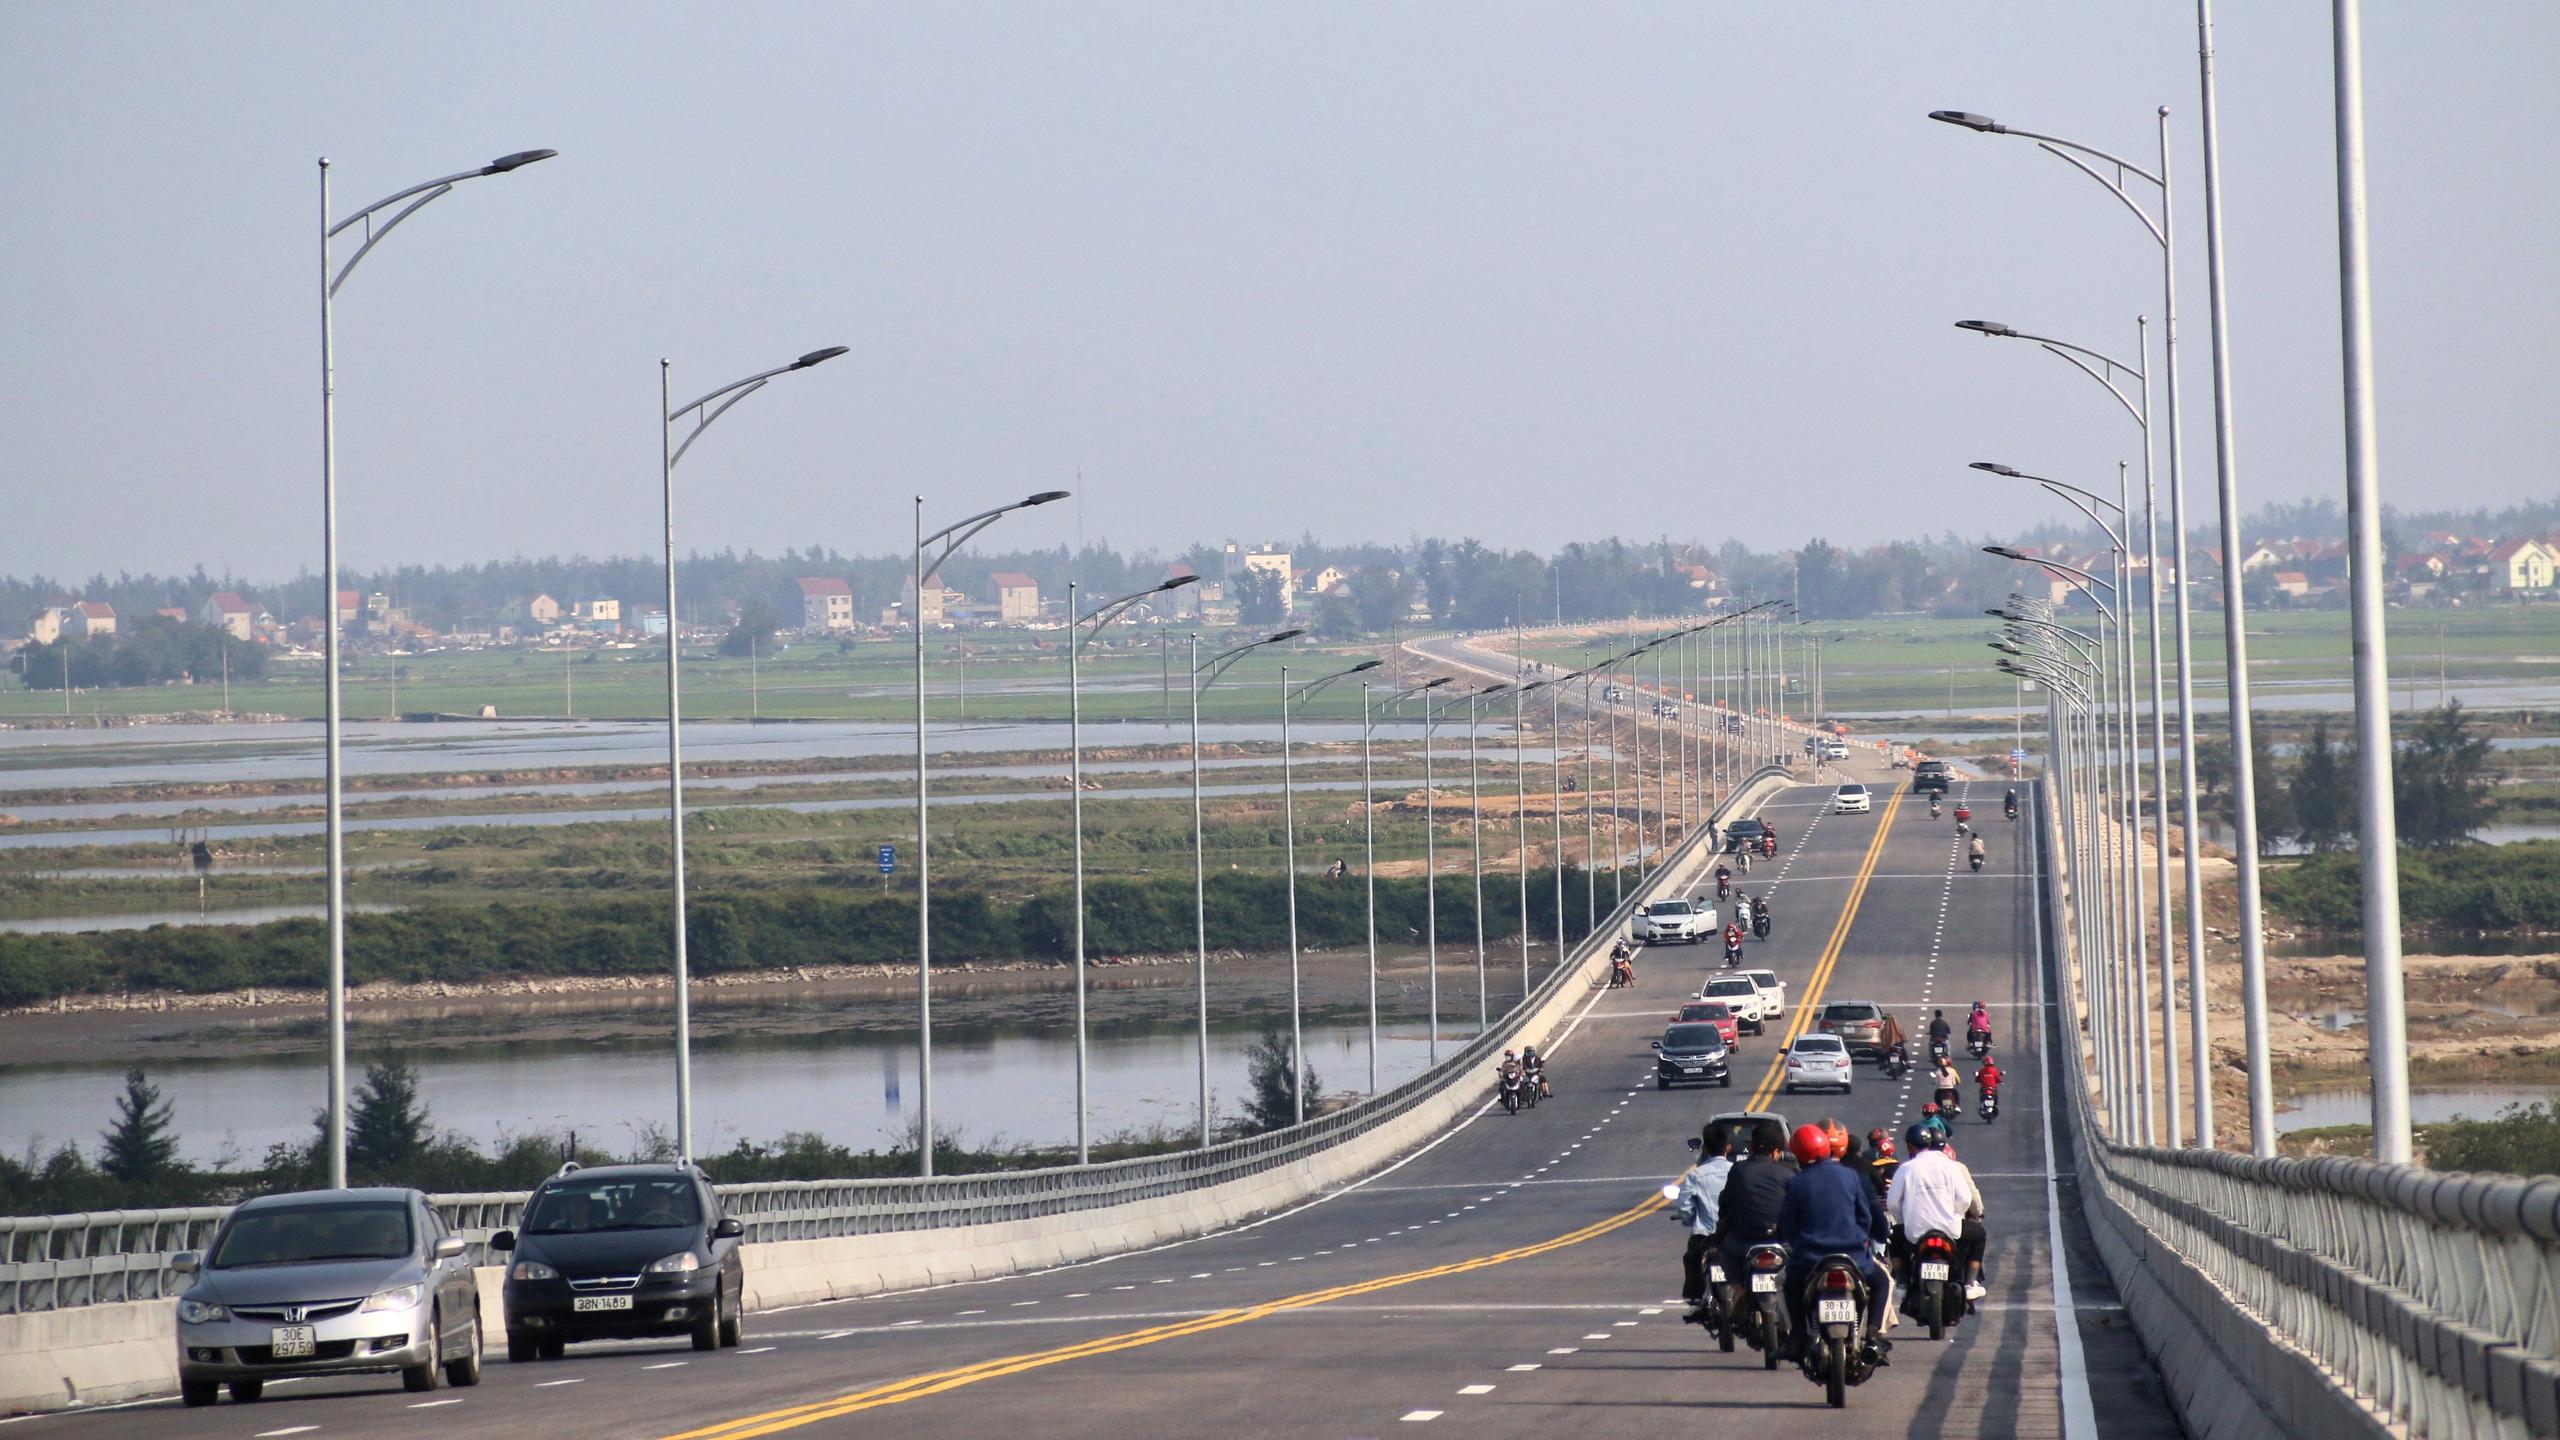 Người dân Nghệ An, Hà Tĩnh du xuân trên cầu gần nghìn tỷ vừa thông xe - Ảnh 18.